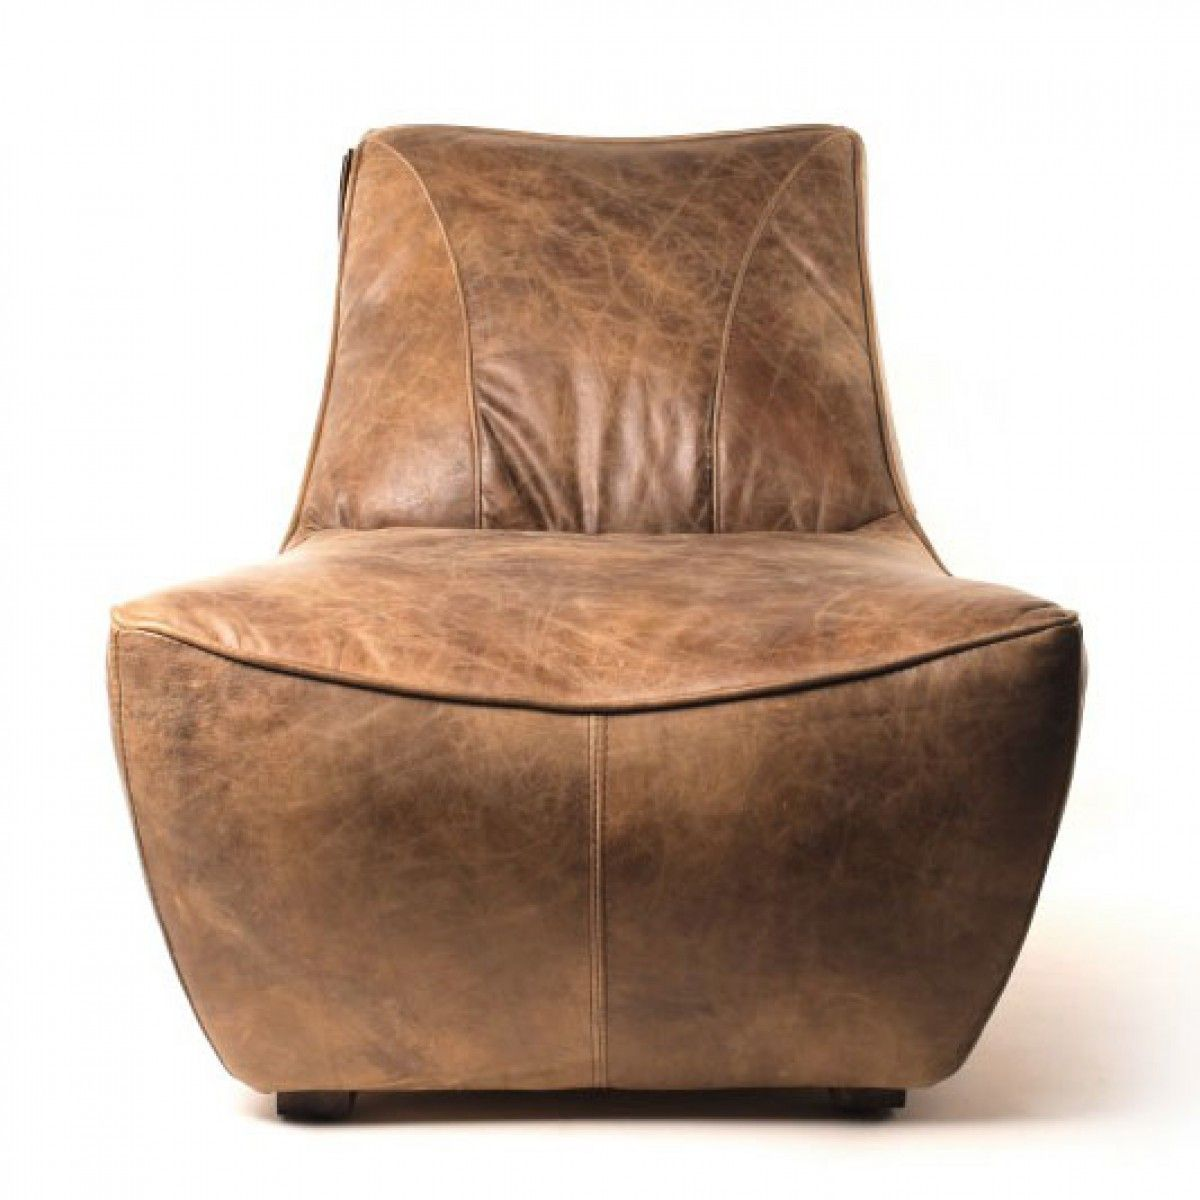 ledersessel interieur interior wohnen einrichtung pinterest einrichtung interieur und. Black Bedroom Furniture Sets. Home Design Ideas